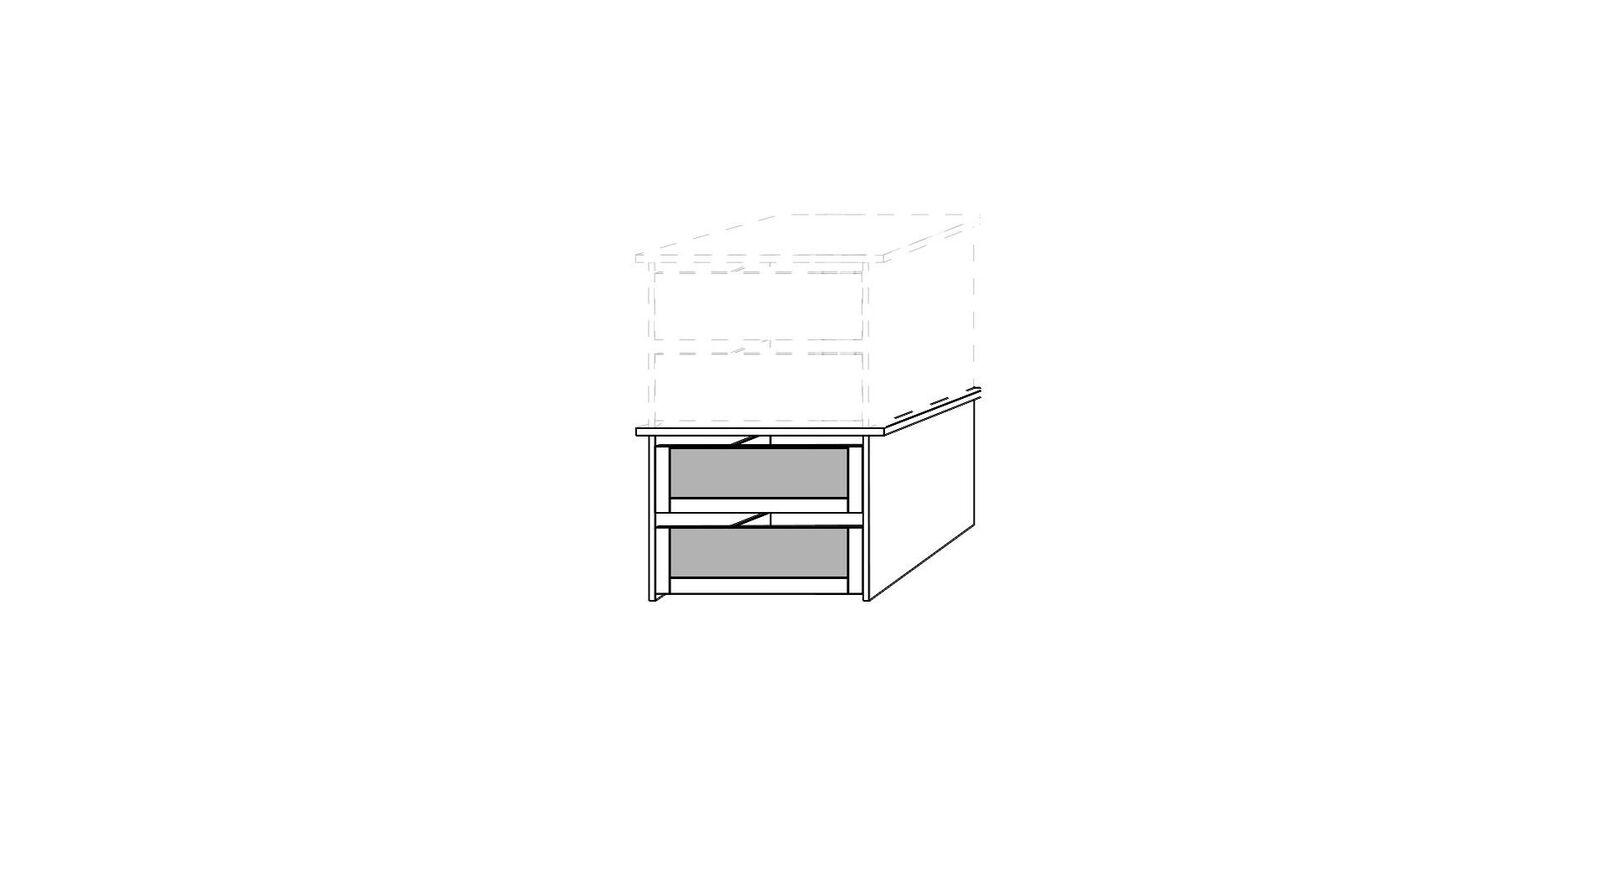 MUSTERRING Innenausstattung Kleiderschrank schmaler Schubladen-Einsatz mit Glasfront